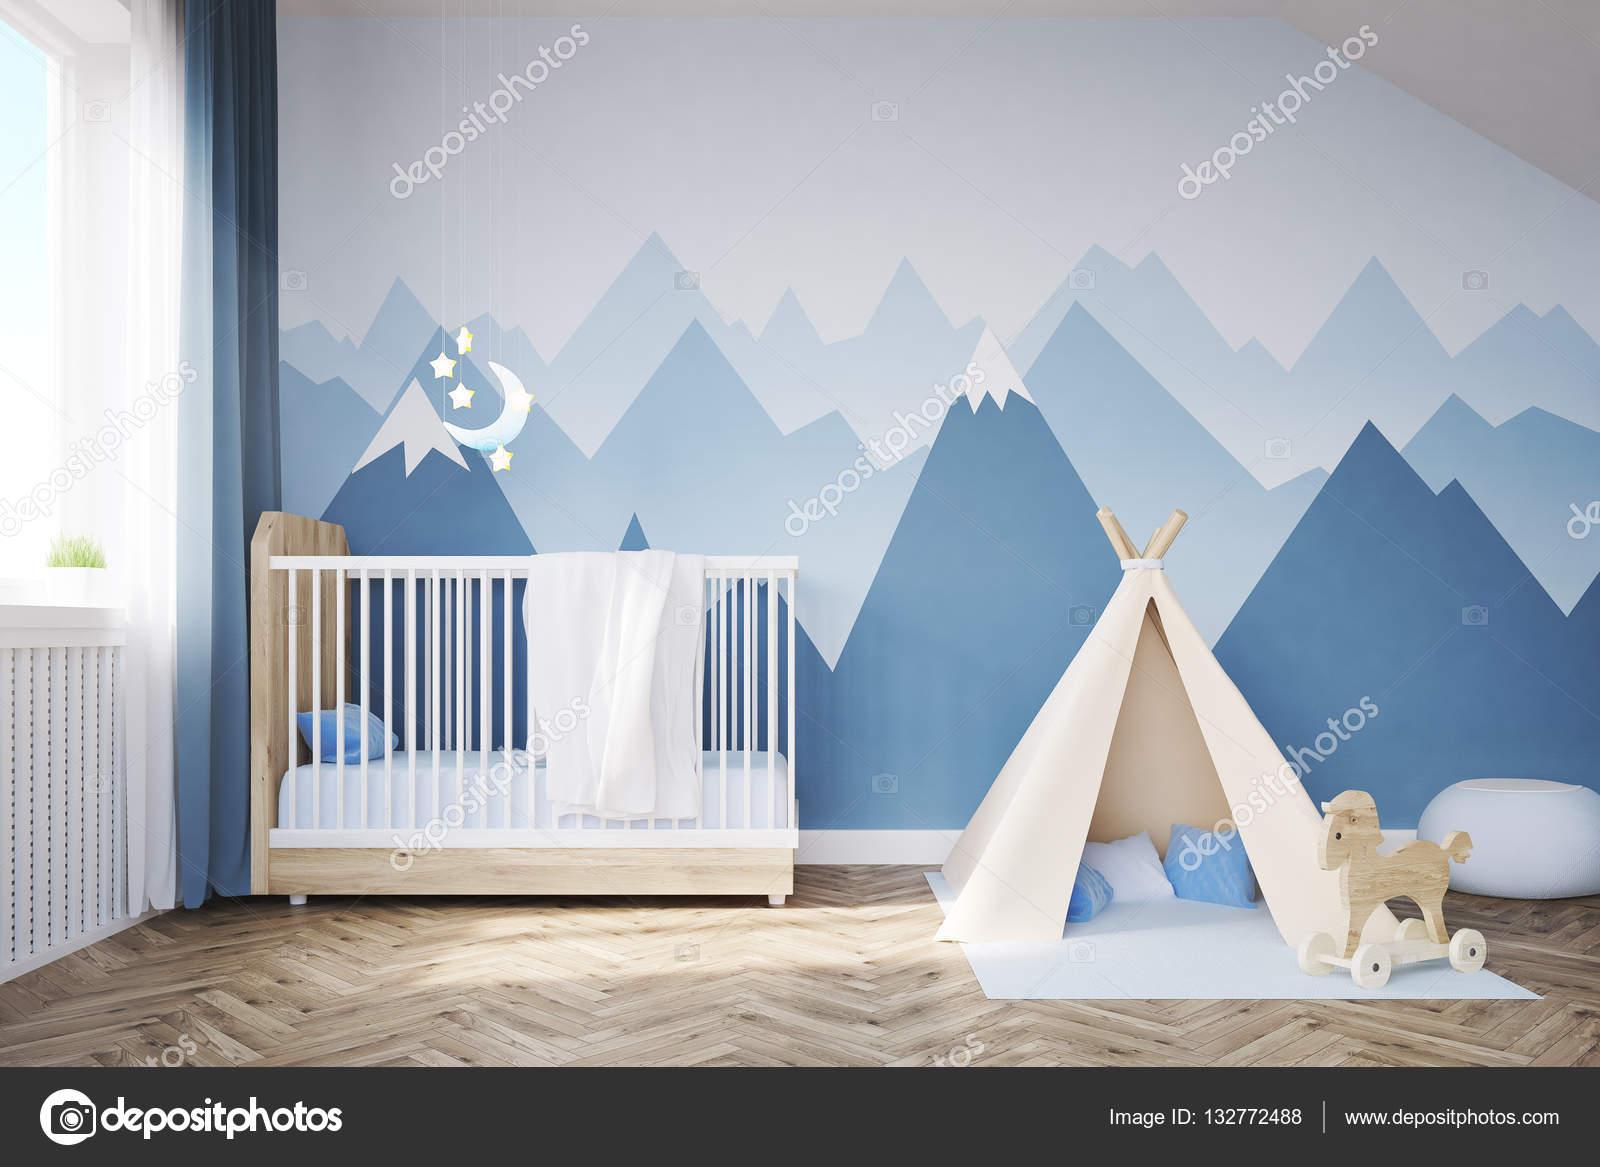 Kinderzimmer Mit Einem Bett Und Zelt Stockfoto C Denisismagilov